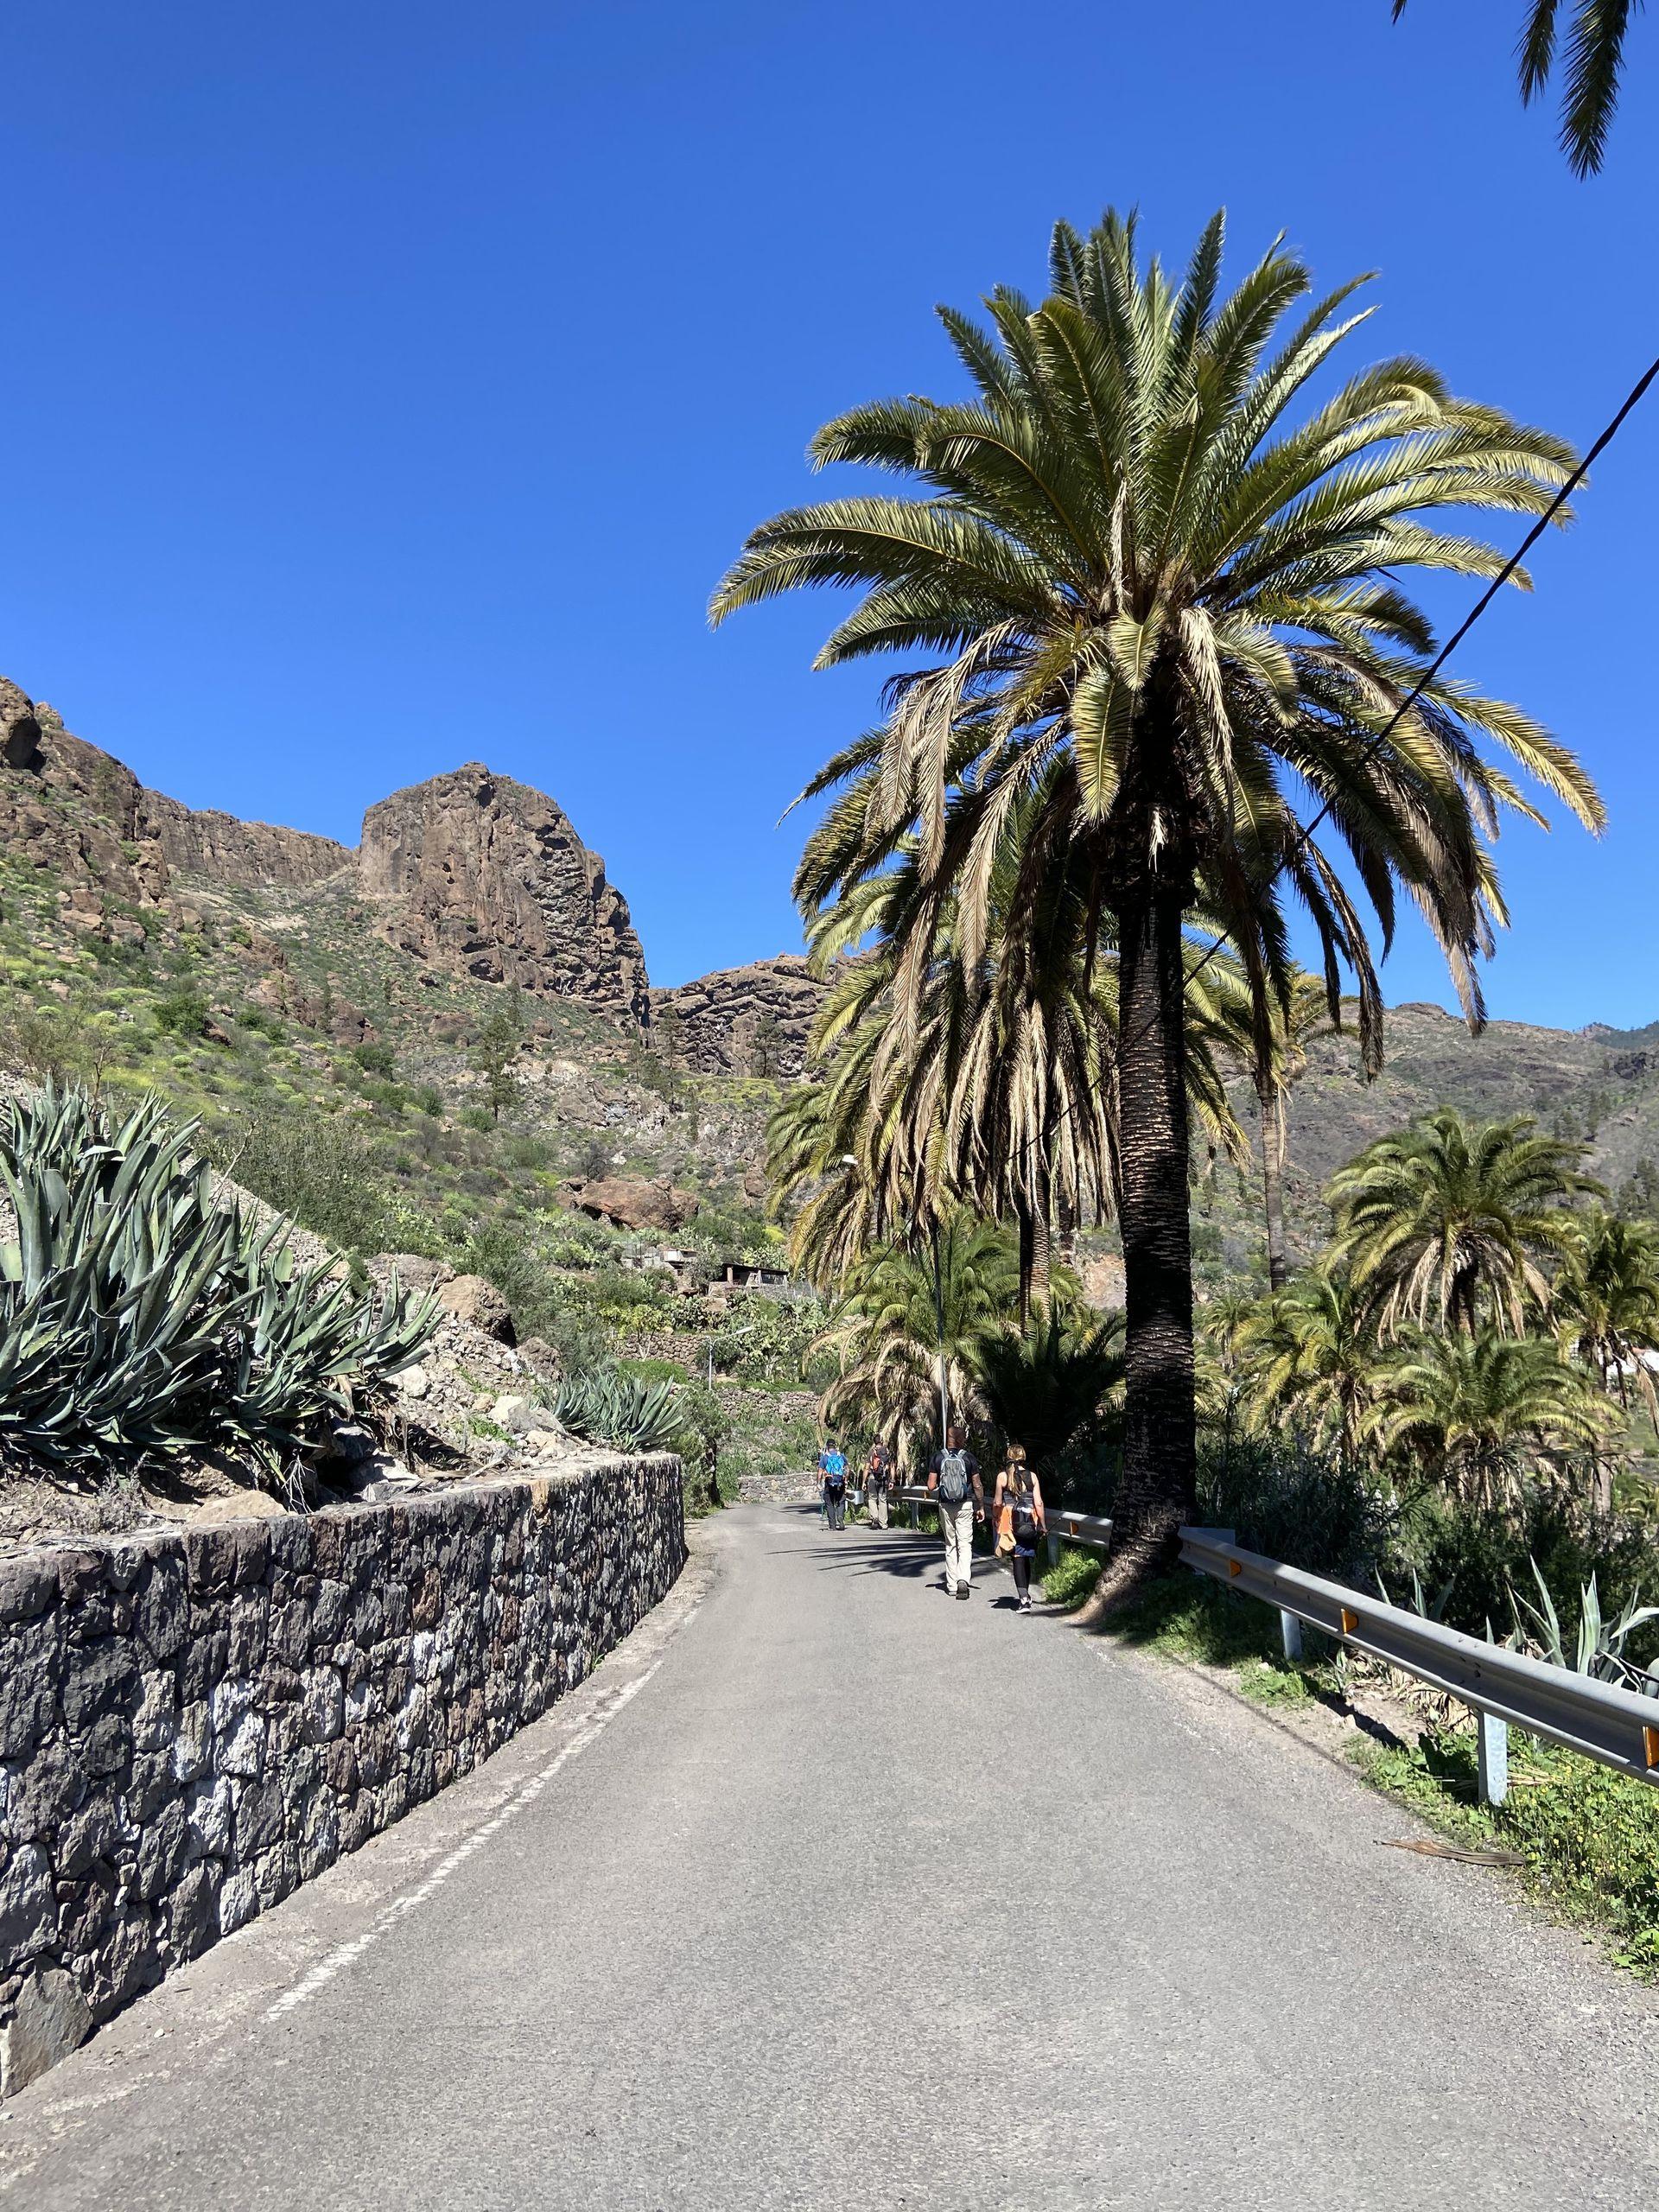 Las Islas Canarias se caracterizan por su paisaje agreste, entre las playas y las montañas.